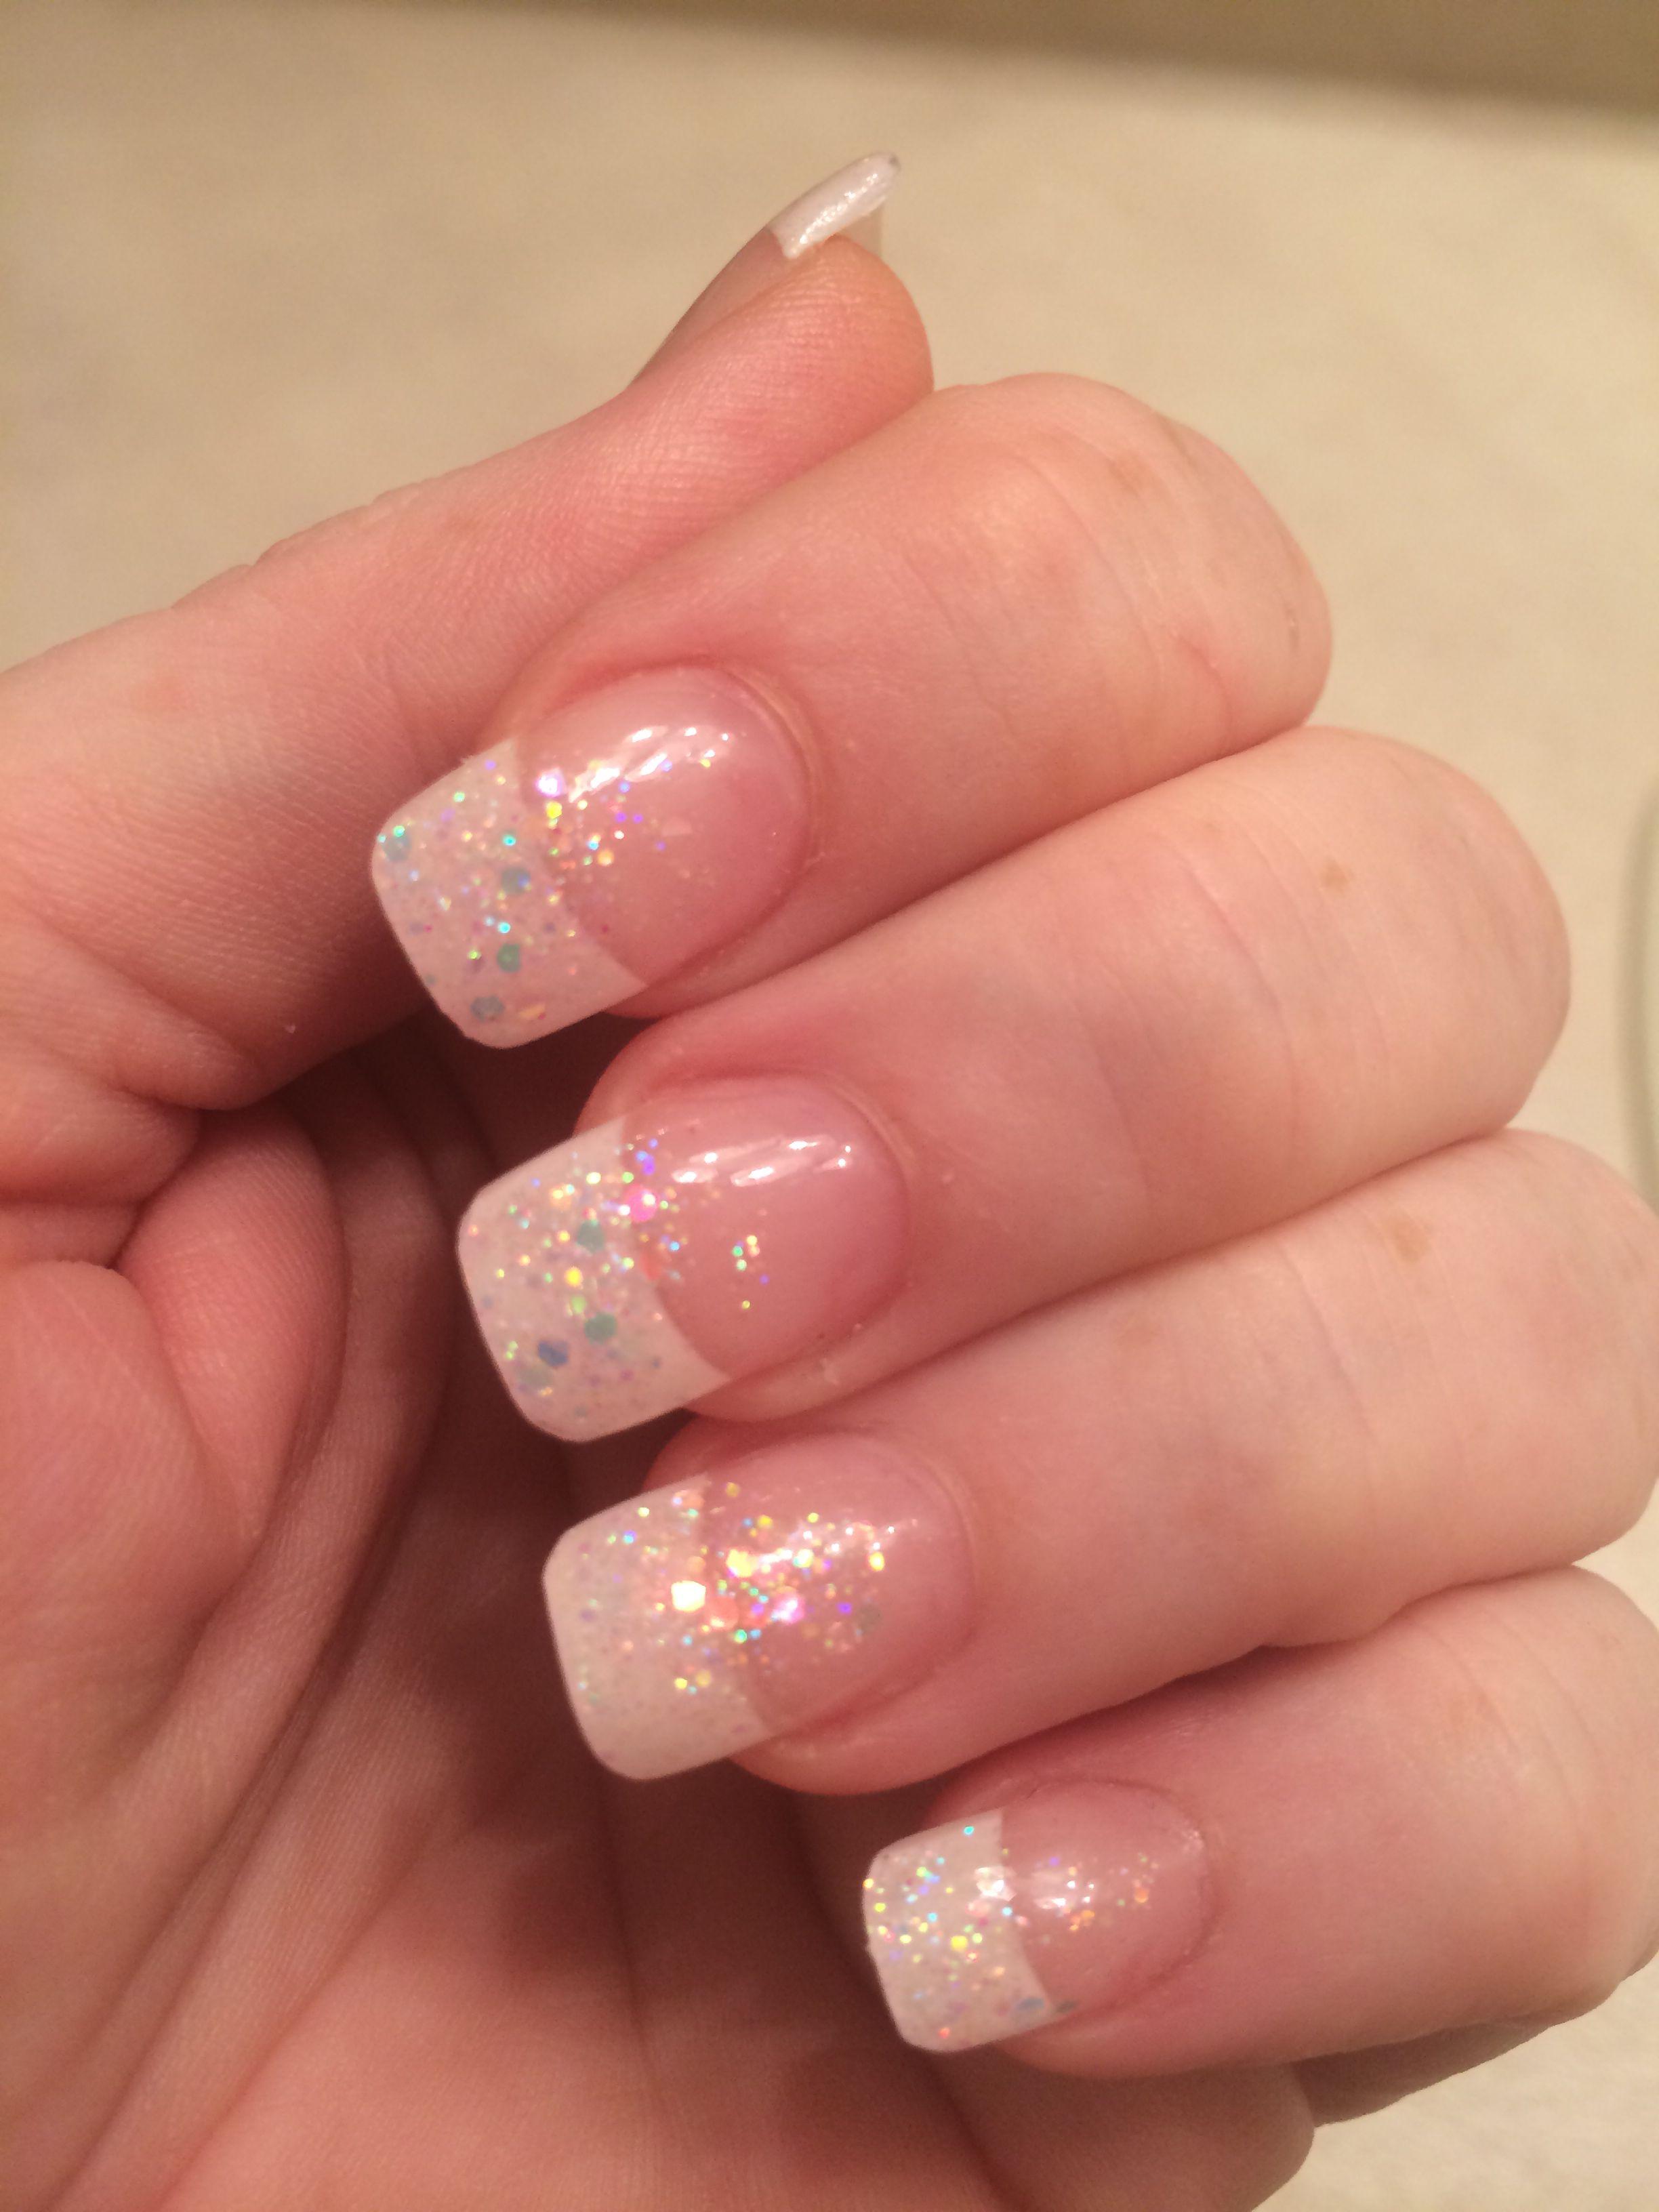 Diva Nails Chilliwack | Diva nails, Gel nails, Nails